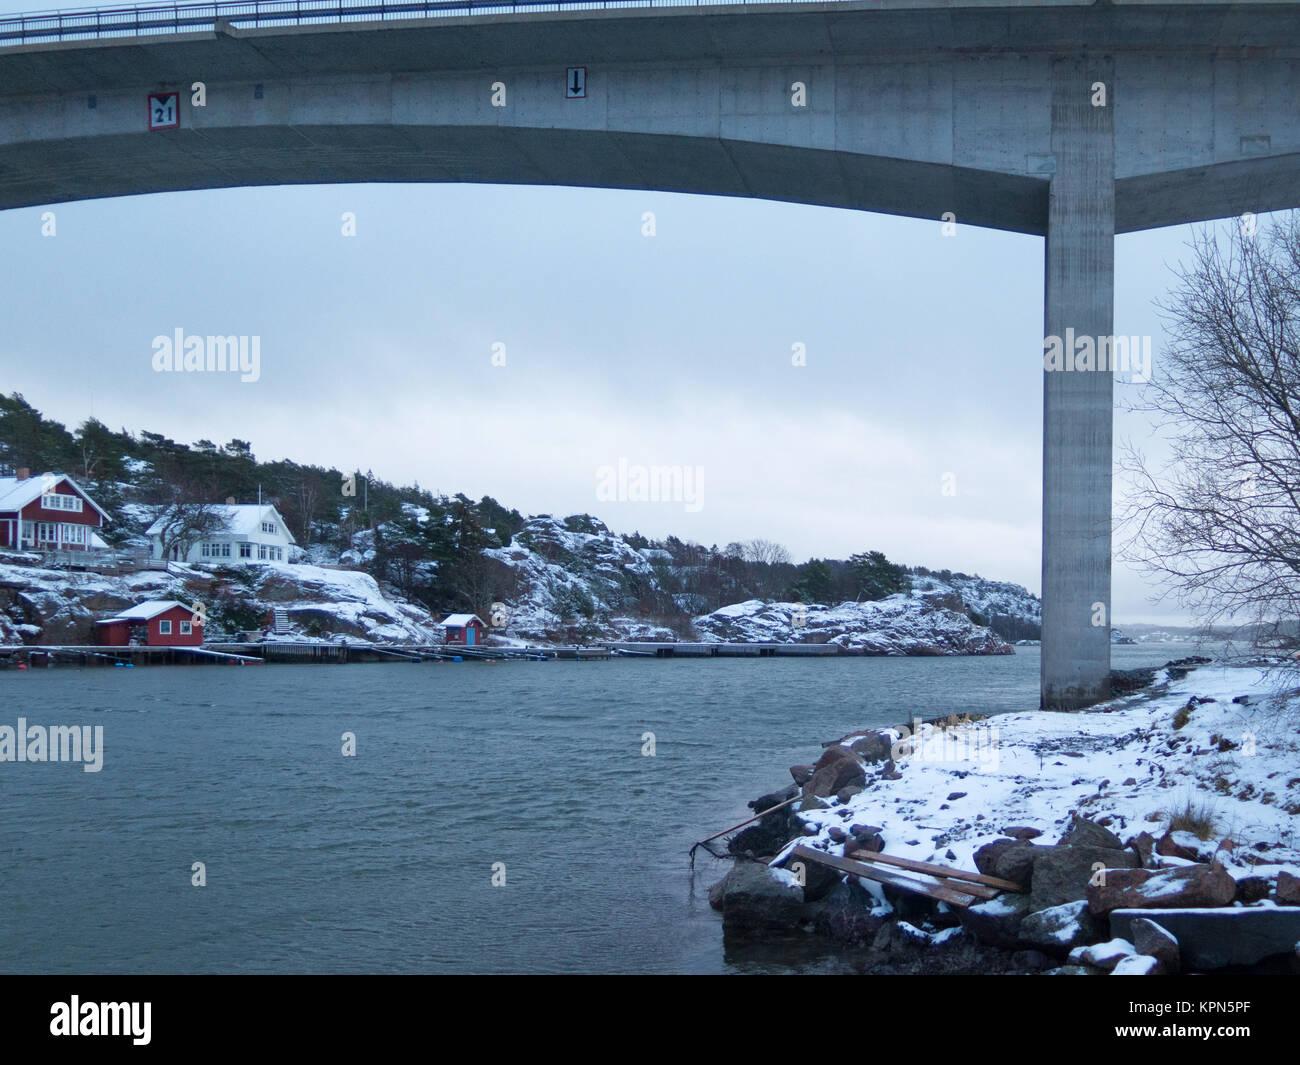 the bridge between orust and tjorn - Stock Image